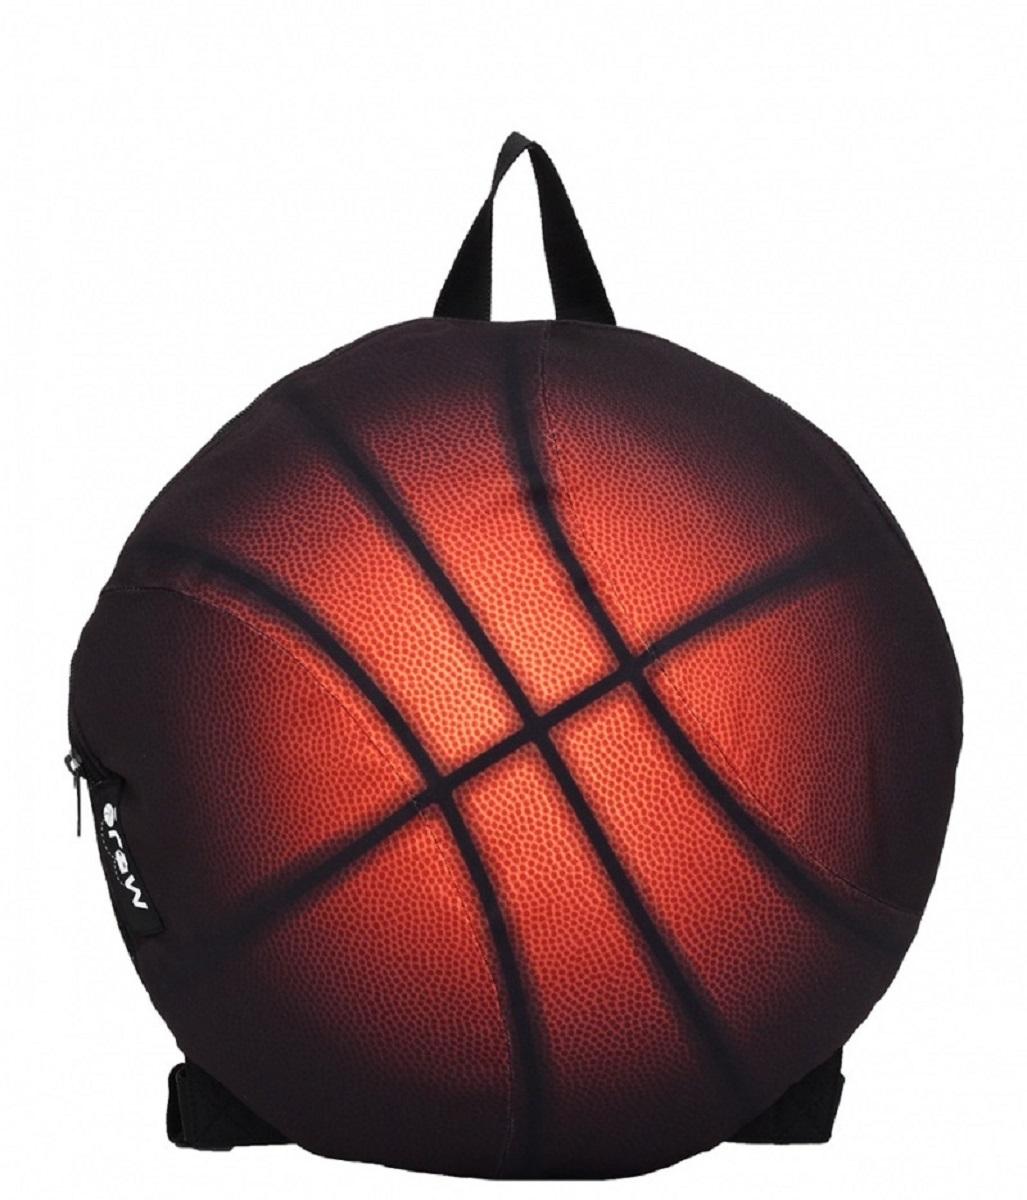 Рюкзак молодежный Mojo Sport Bascket Ball, цвет: оранжевый, 12 лKAA9984574Особенности рюкзака Mojo:Выполнен из высококачественного полиэстера и покрыт полиуретановым слоем, препятствующим выгоранию на солнце и проникновению внутрь воды.Вместительный отсек для вещей, а также отсек для планшета с плотной подкладкой.Переносить рюкзак удобно за прочную текстильную ручку.Уплотнены ремни, спинка и дно рюкзака.Мягкие регулируемые наплечные лямки.Фирменная массивная молния Mojo.Светится в ультрафиолете.